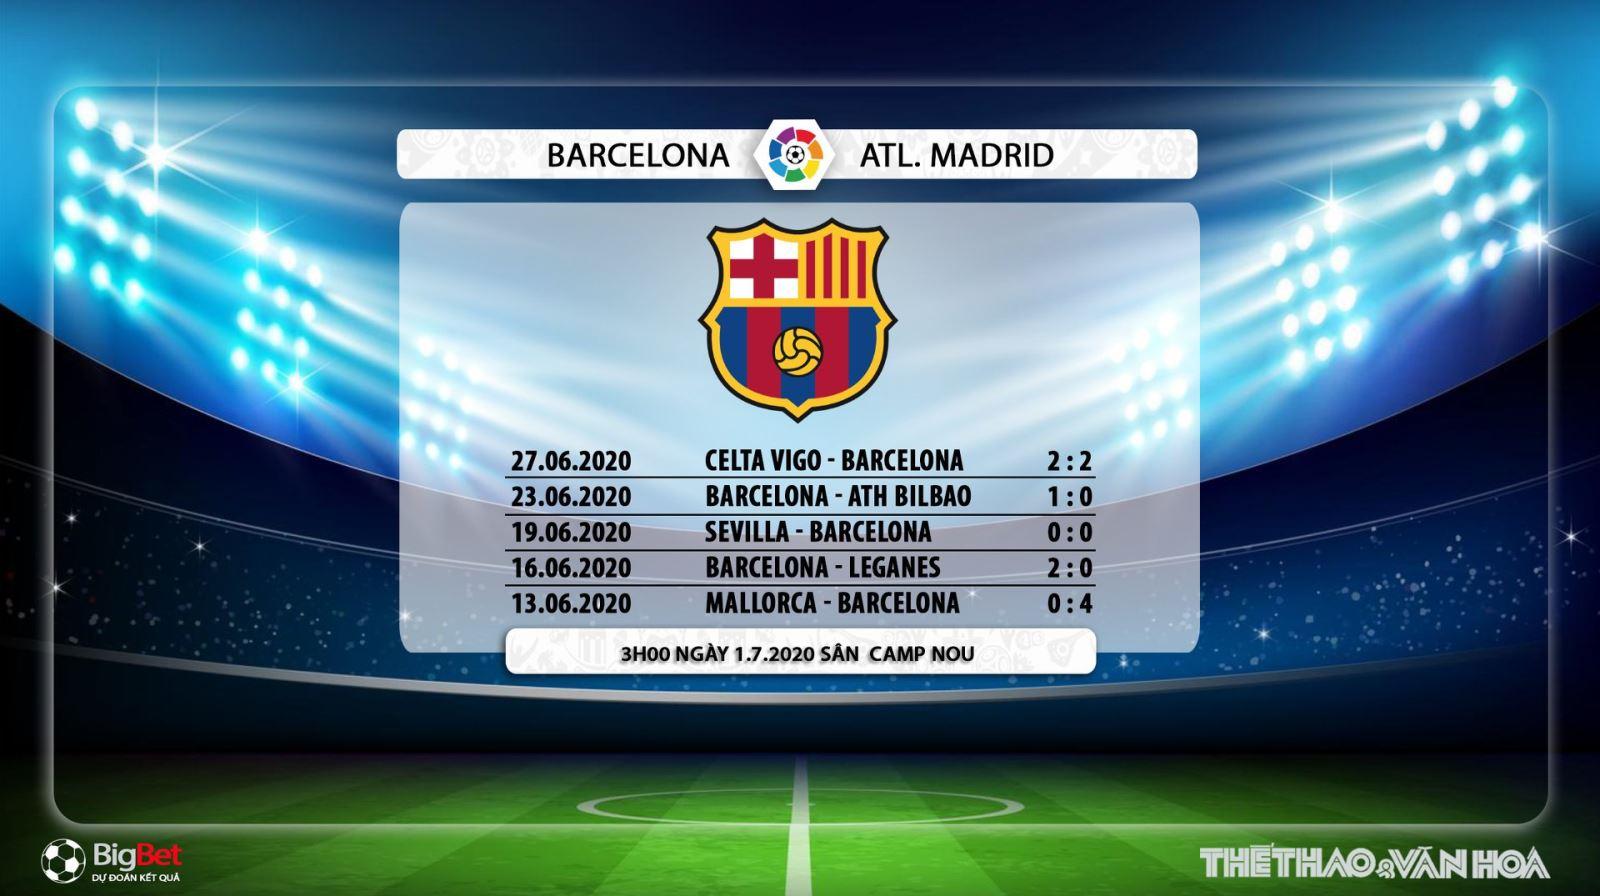 Barcelona vs Atletico Madrid, Barca, Atletico Madrid, soi kèo, kèo bóng đá, nhận định, trực tiếp bóng đá, bóng đá